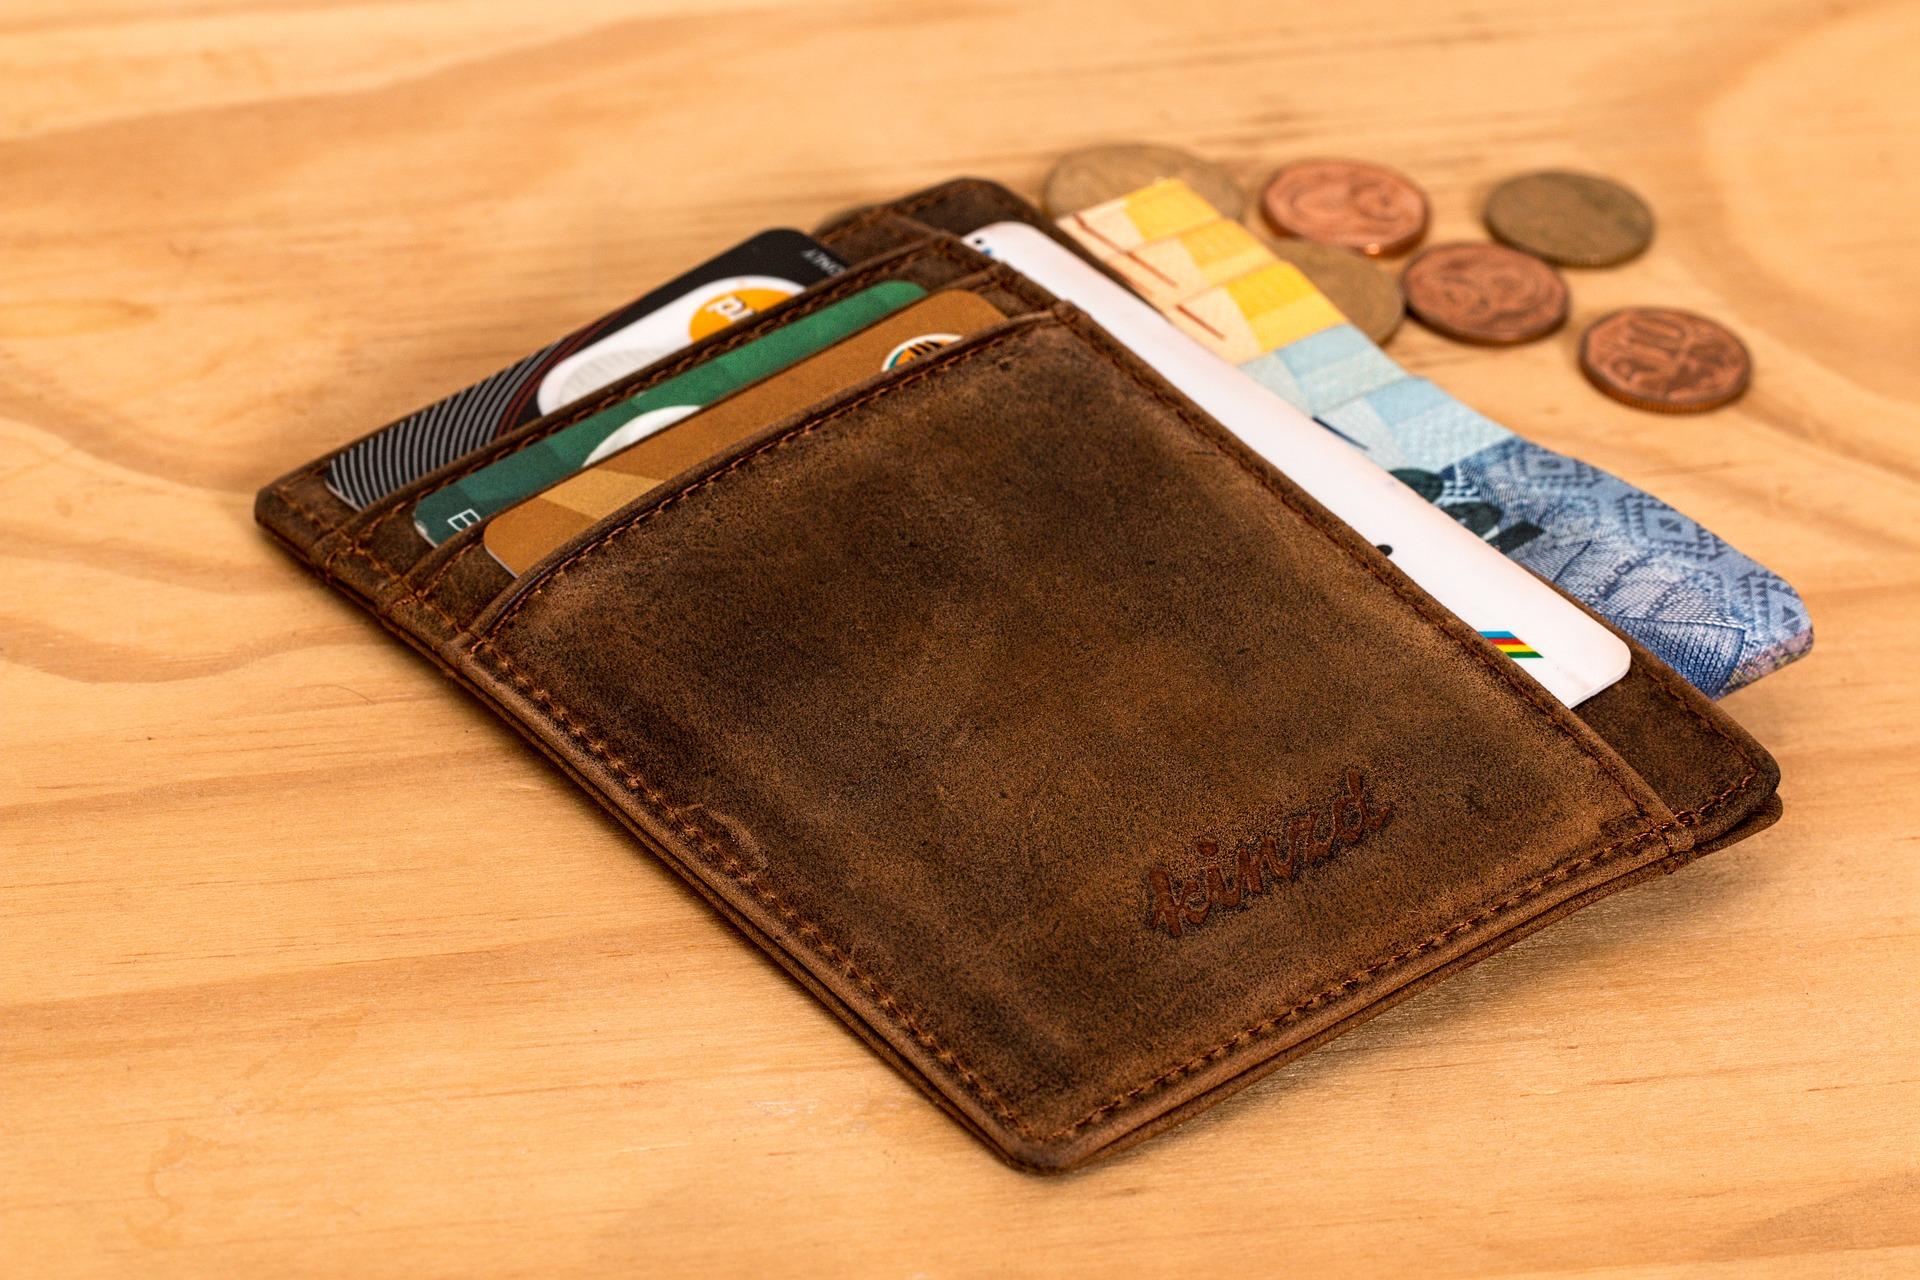 Économiser sur Ses Frais Bancaires - Découvrez les Trucs et Astuces